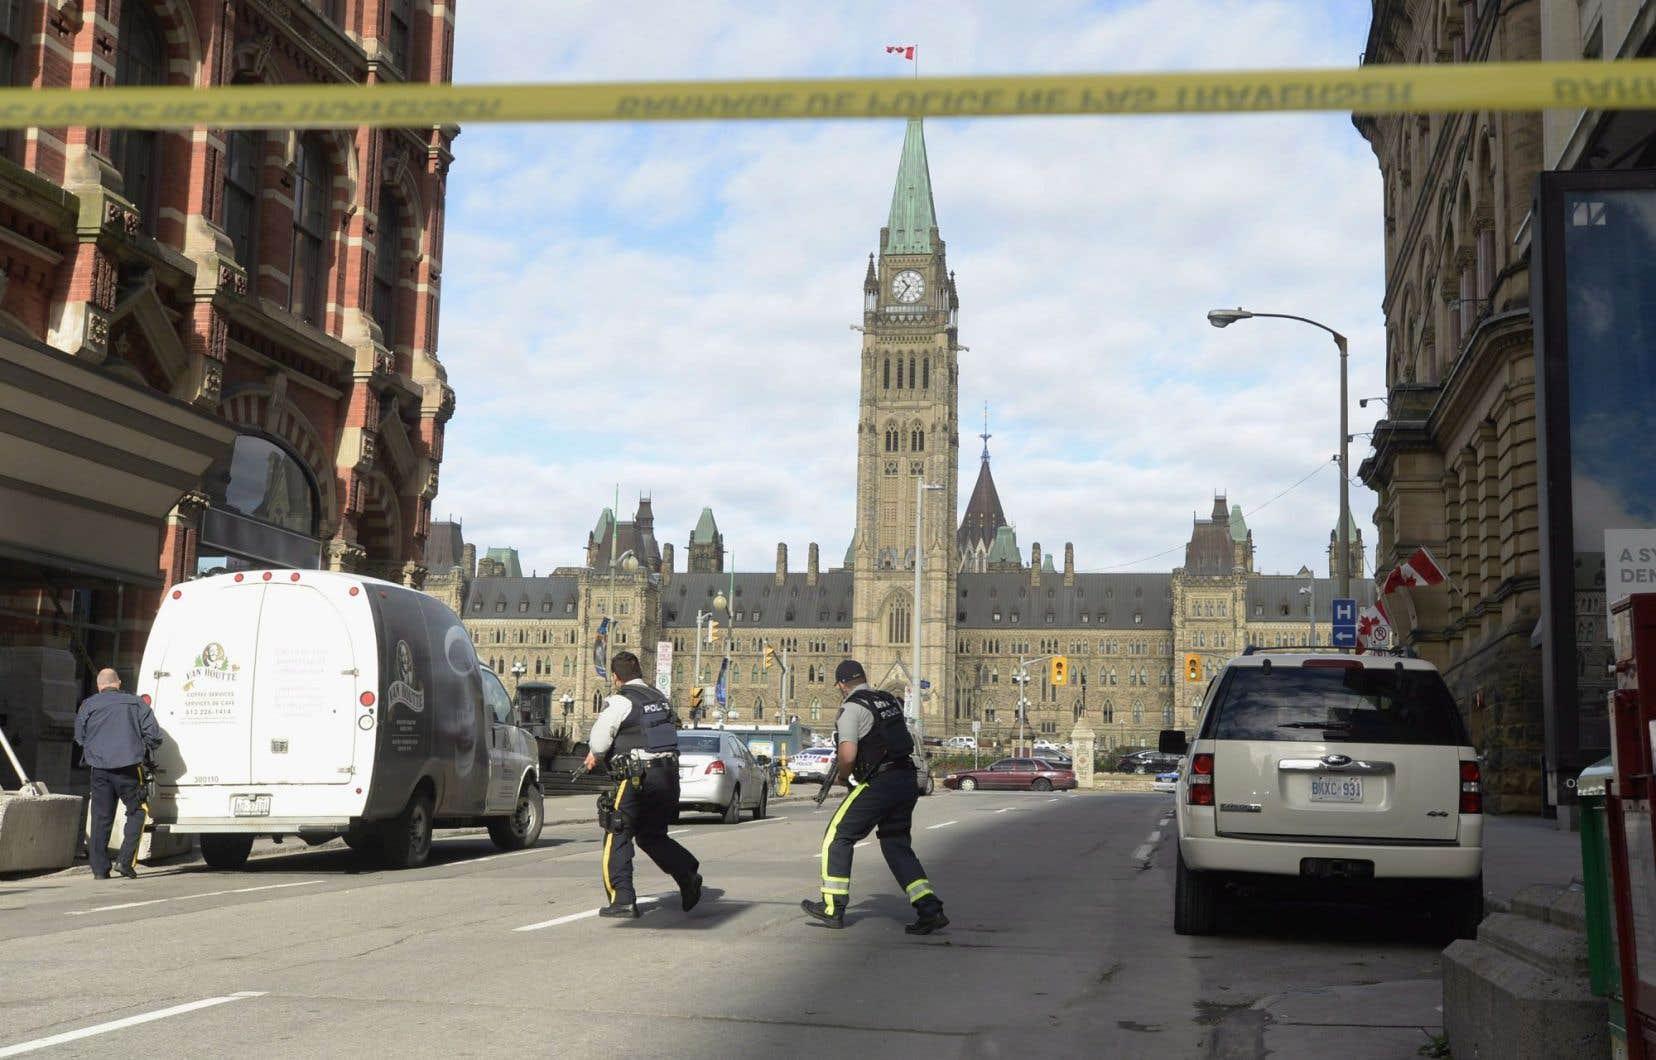 Déploiement policier près du parlement le 22 octobre 2014